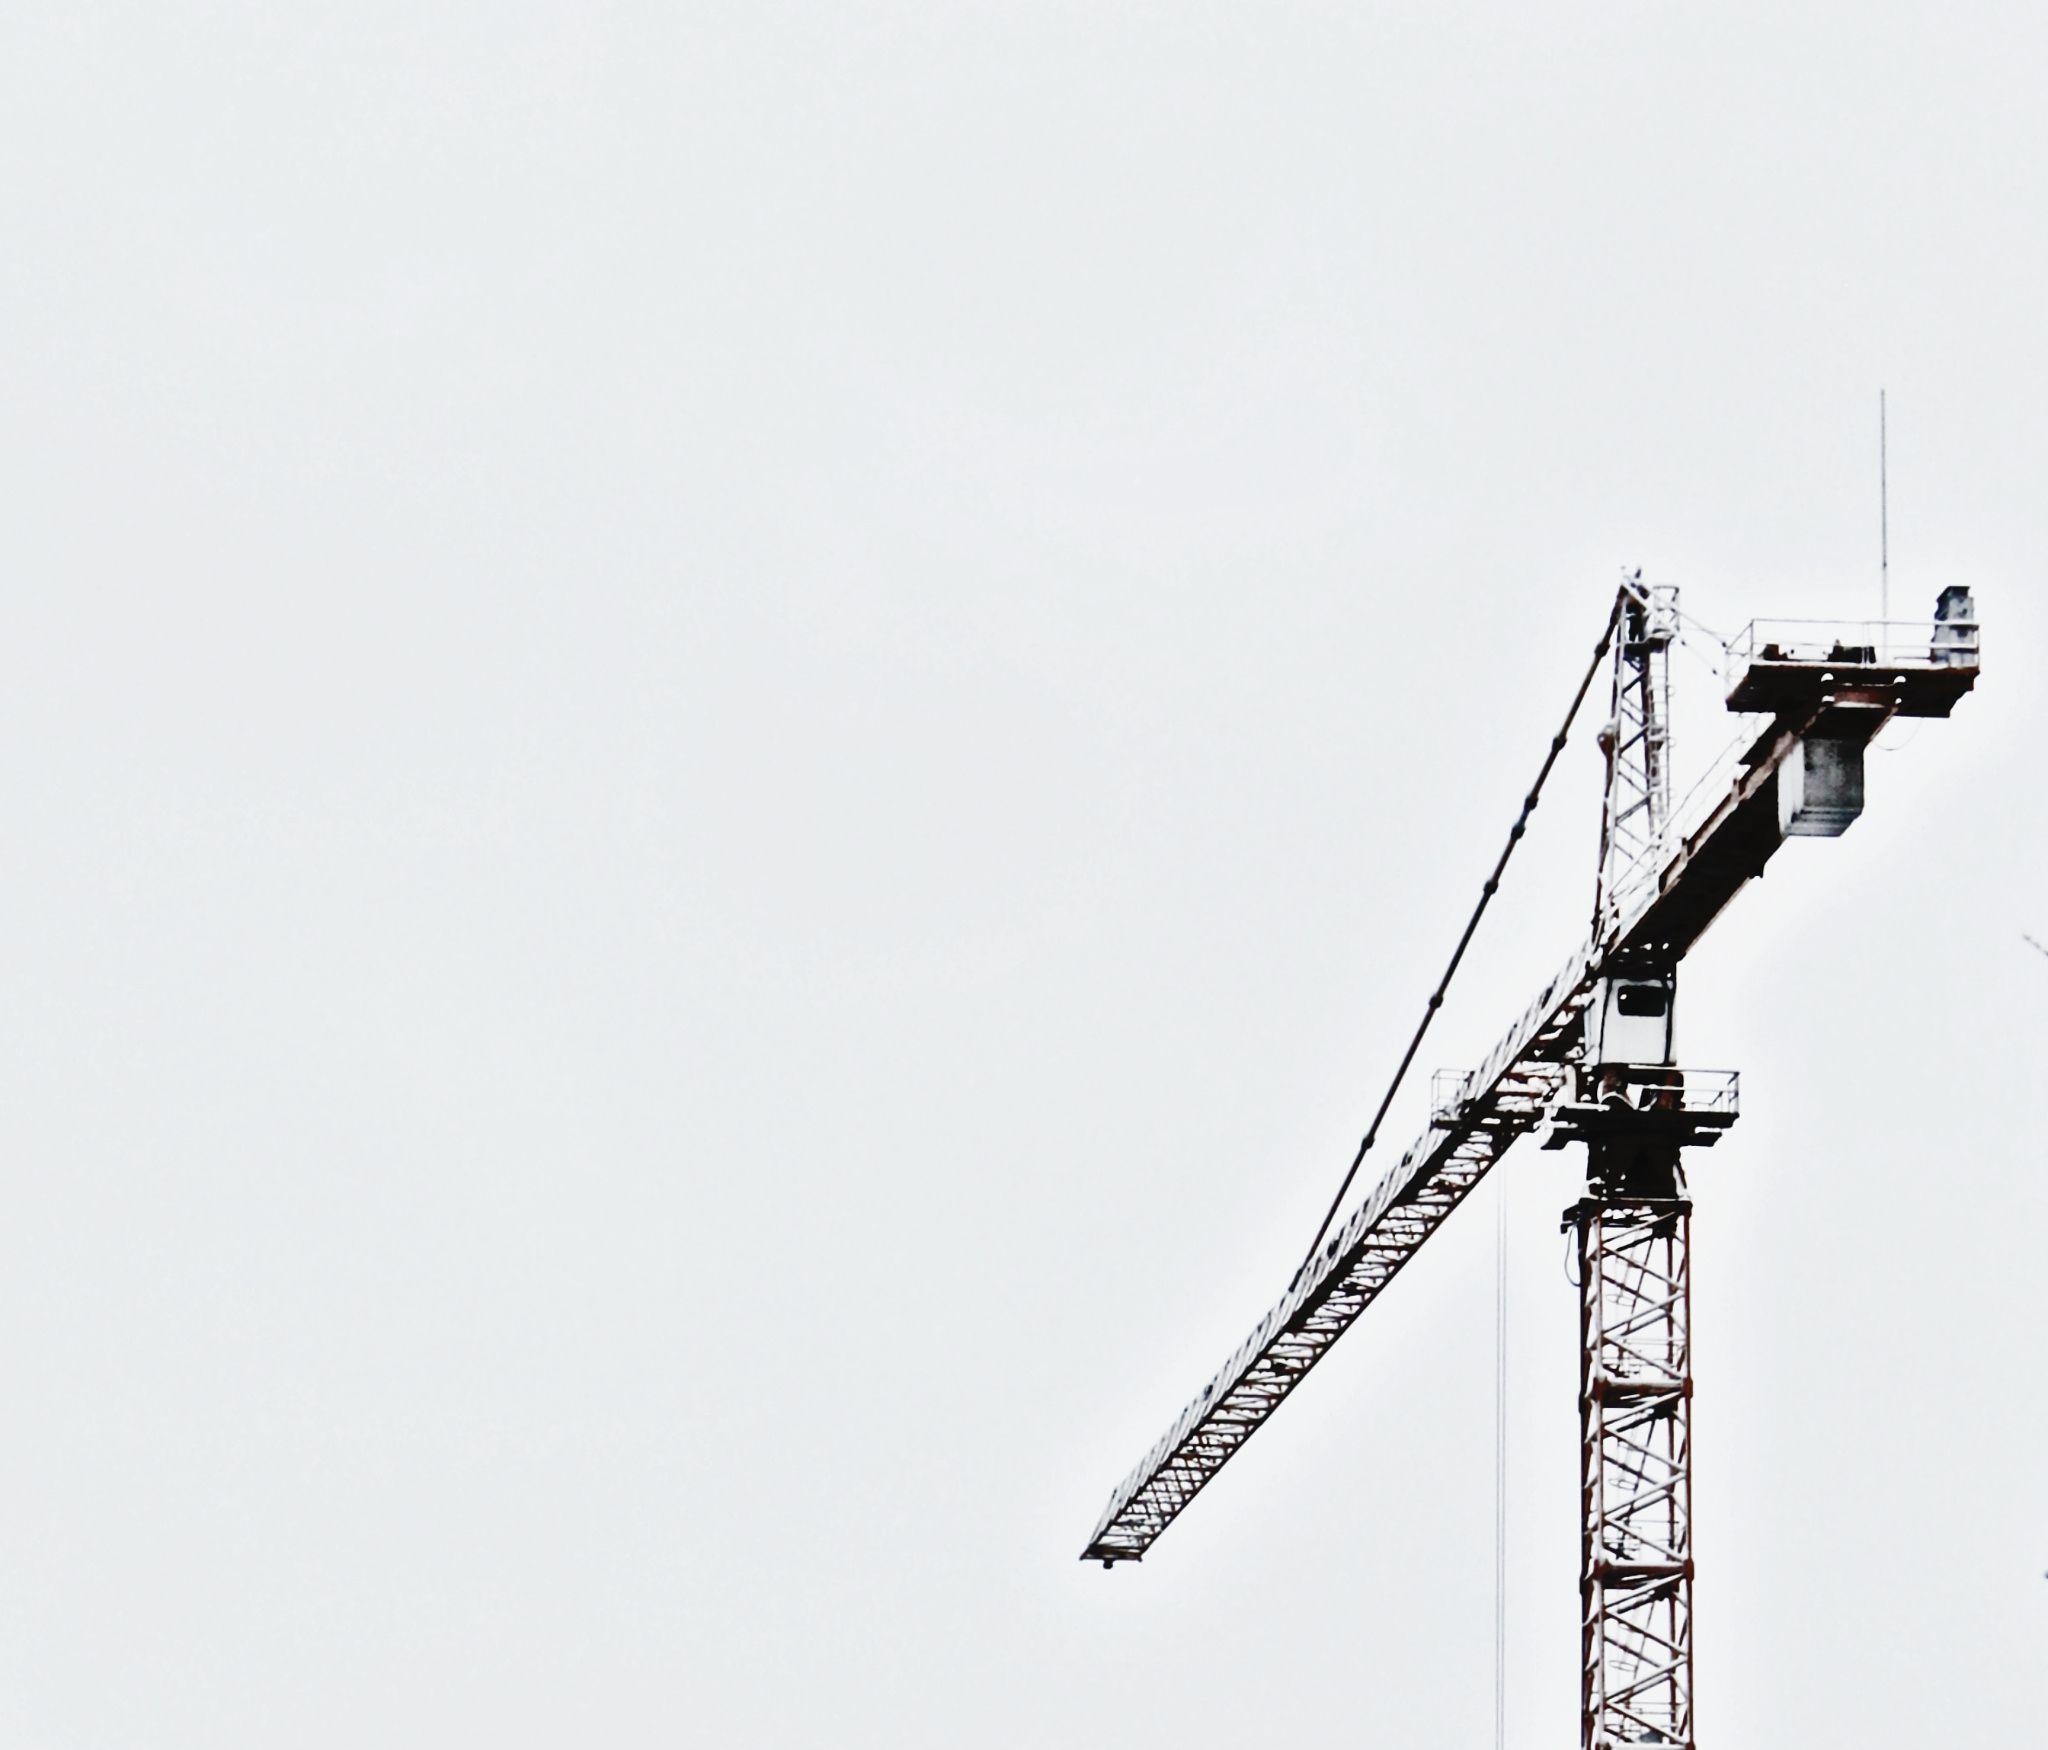 Sudah Siap Merencanakan Desain Rumah Berikut 75 Istilah Arsitektur Yang Perlu Dipahami Di 2021 Arsitektur Desain Desain Rumah